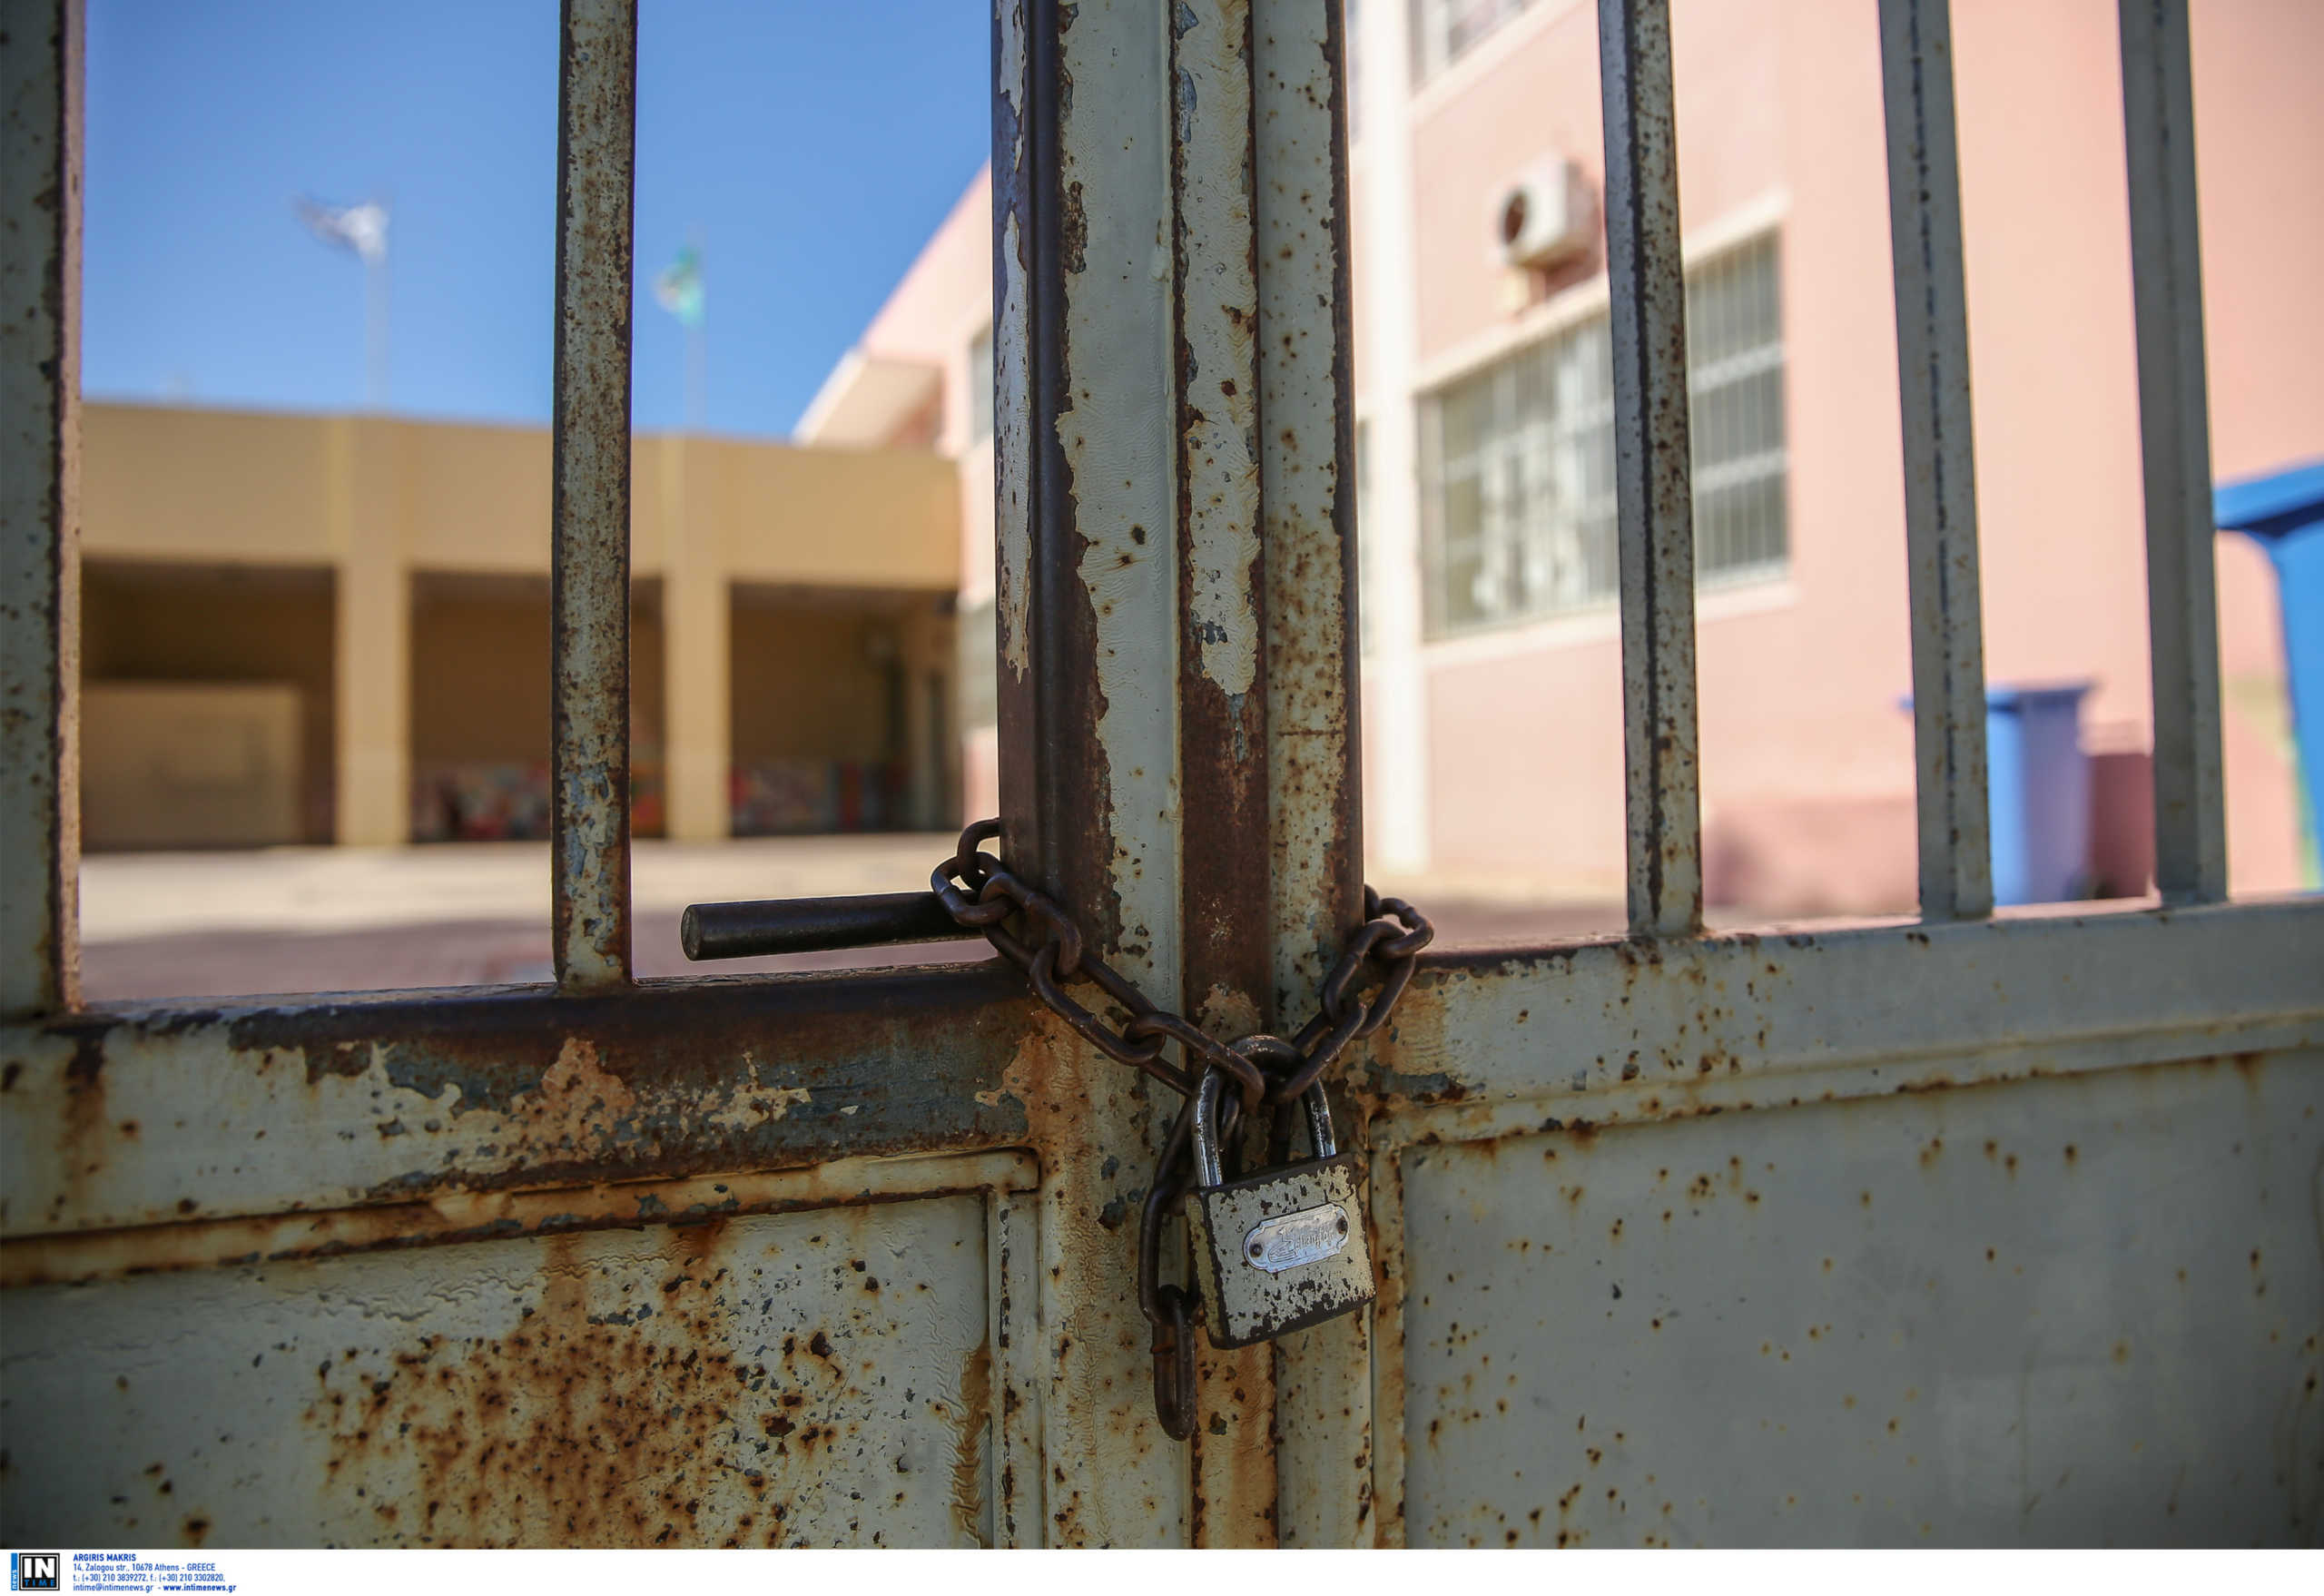 Κλειστά σχολεία σε Μαγνησία και Σποράδες και την Τρίτη λόγω κακοκαιρίας